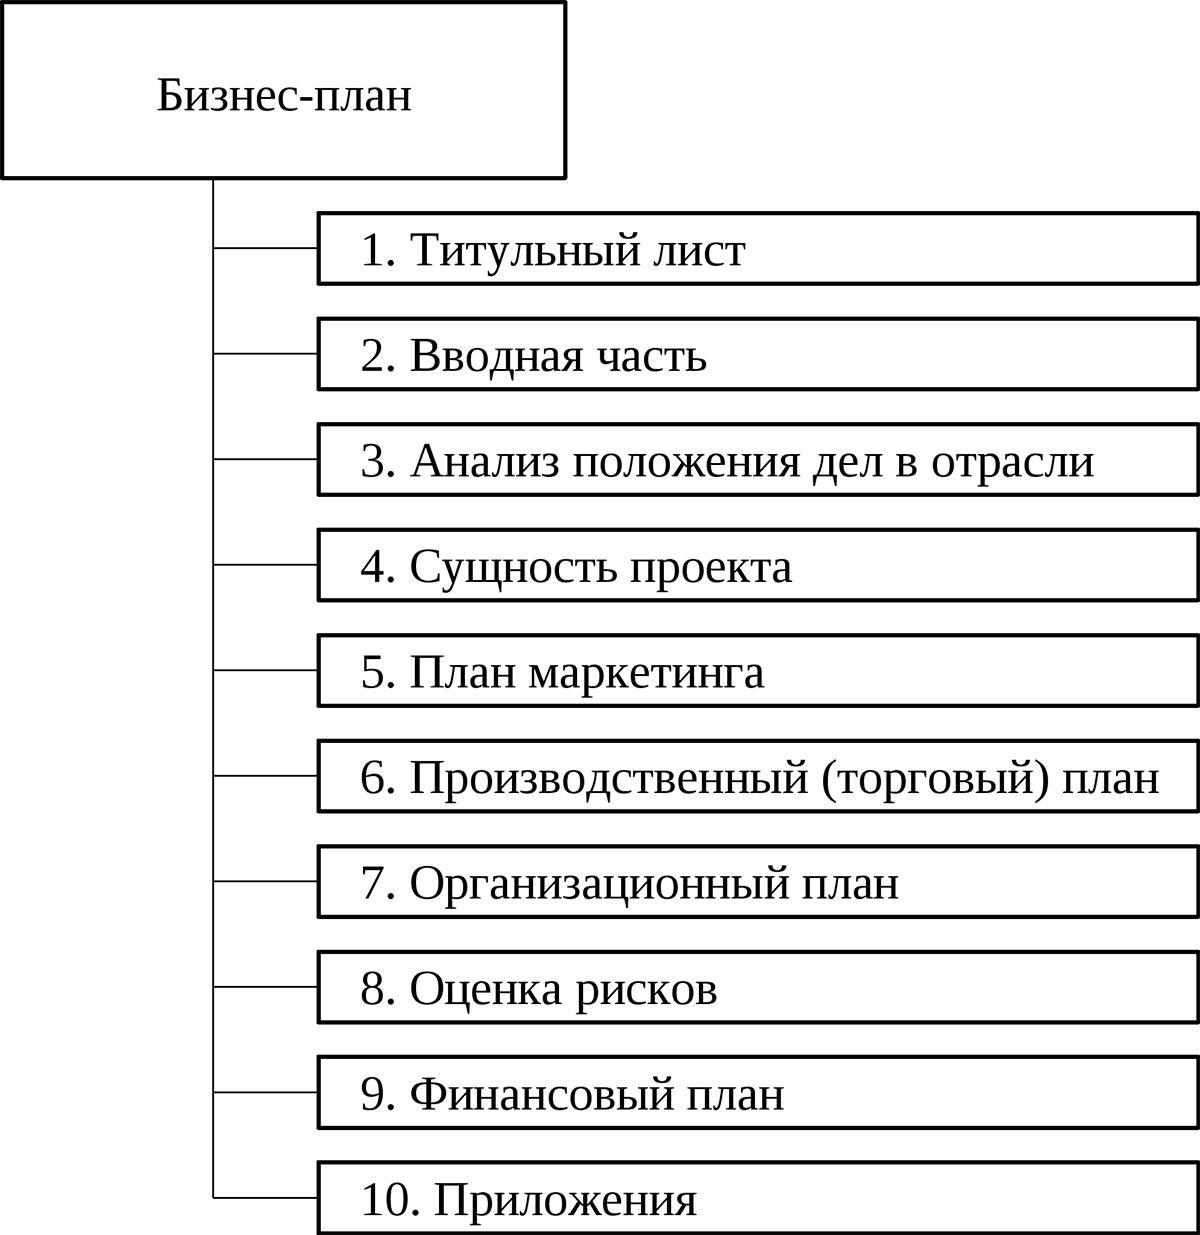 Типовая структура бизнес плана